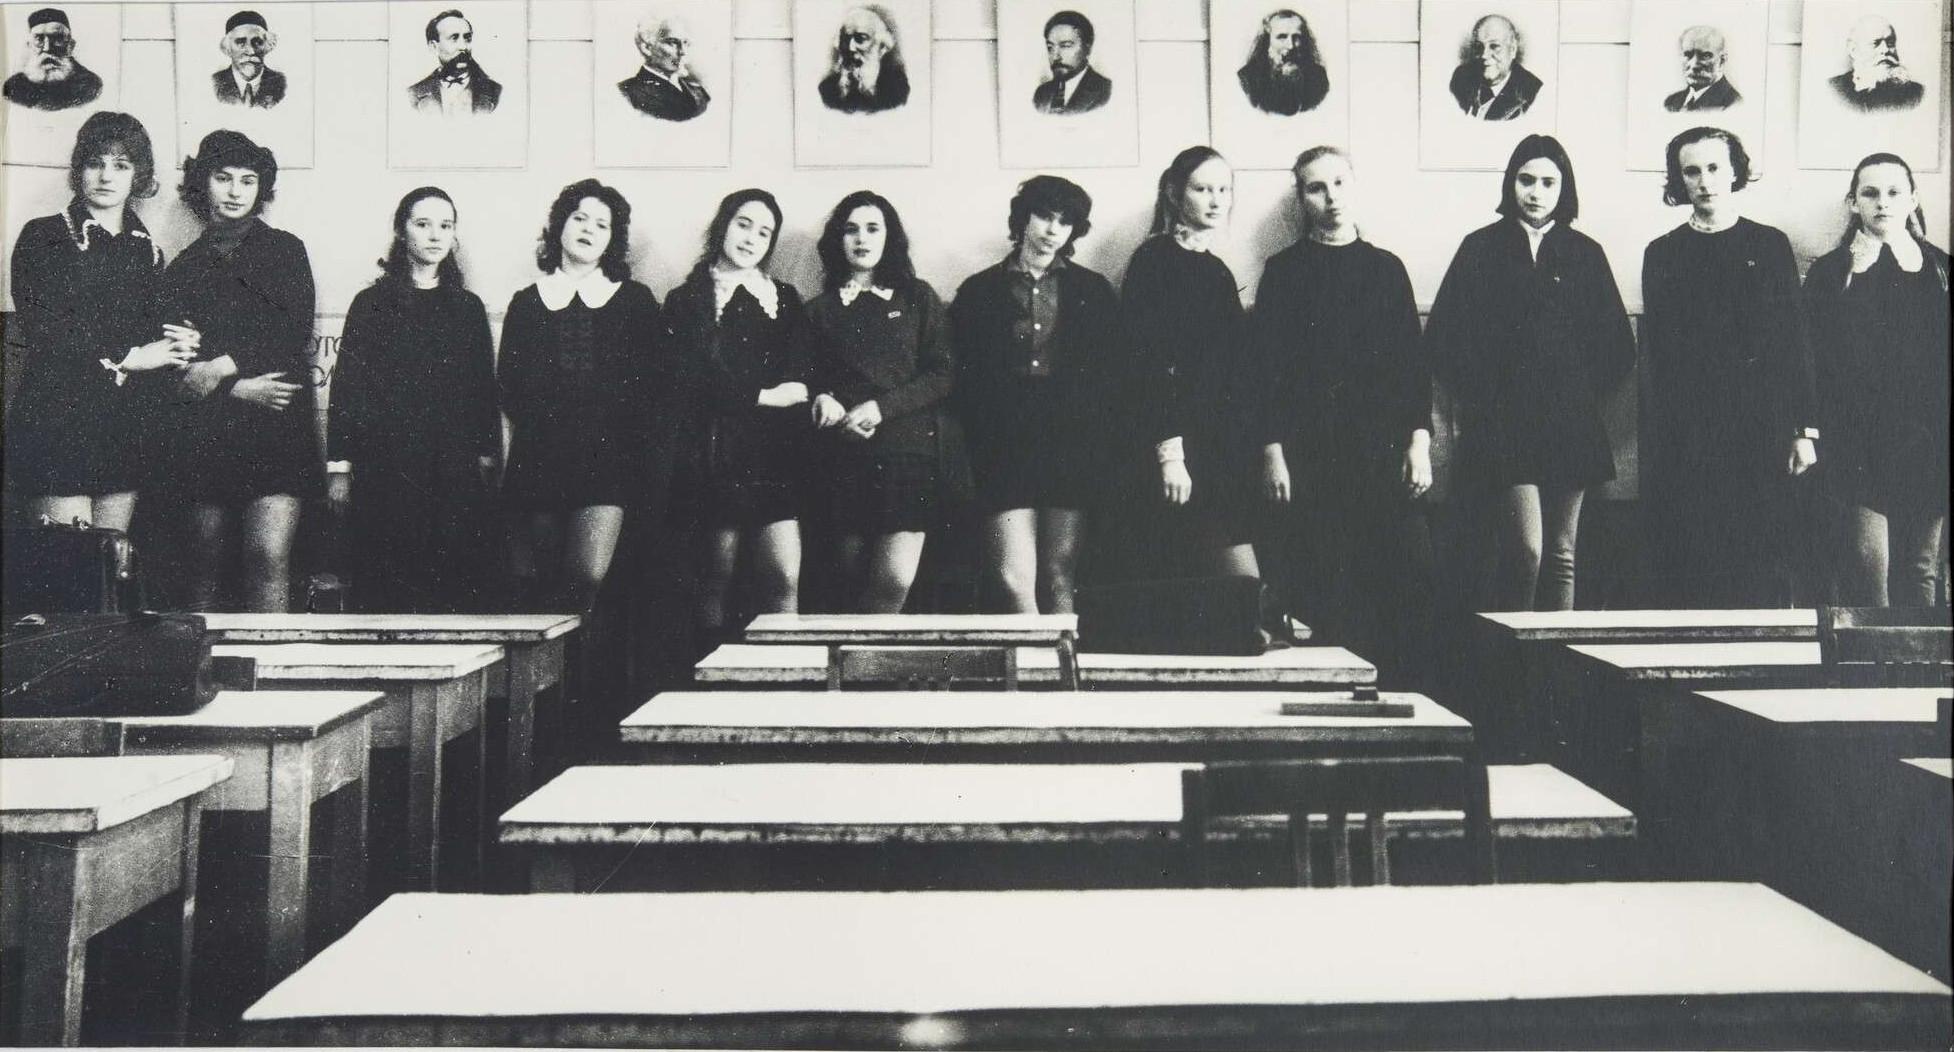 Преемницы, 1967. Фотограф Борис Михалевкин